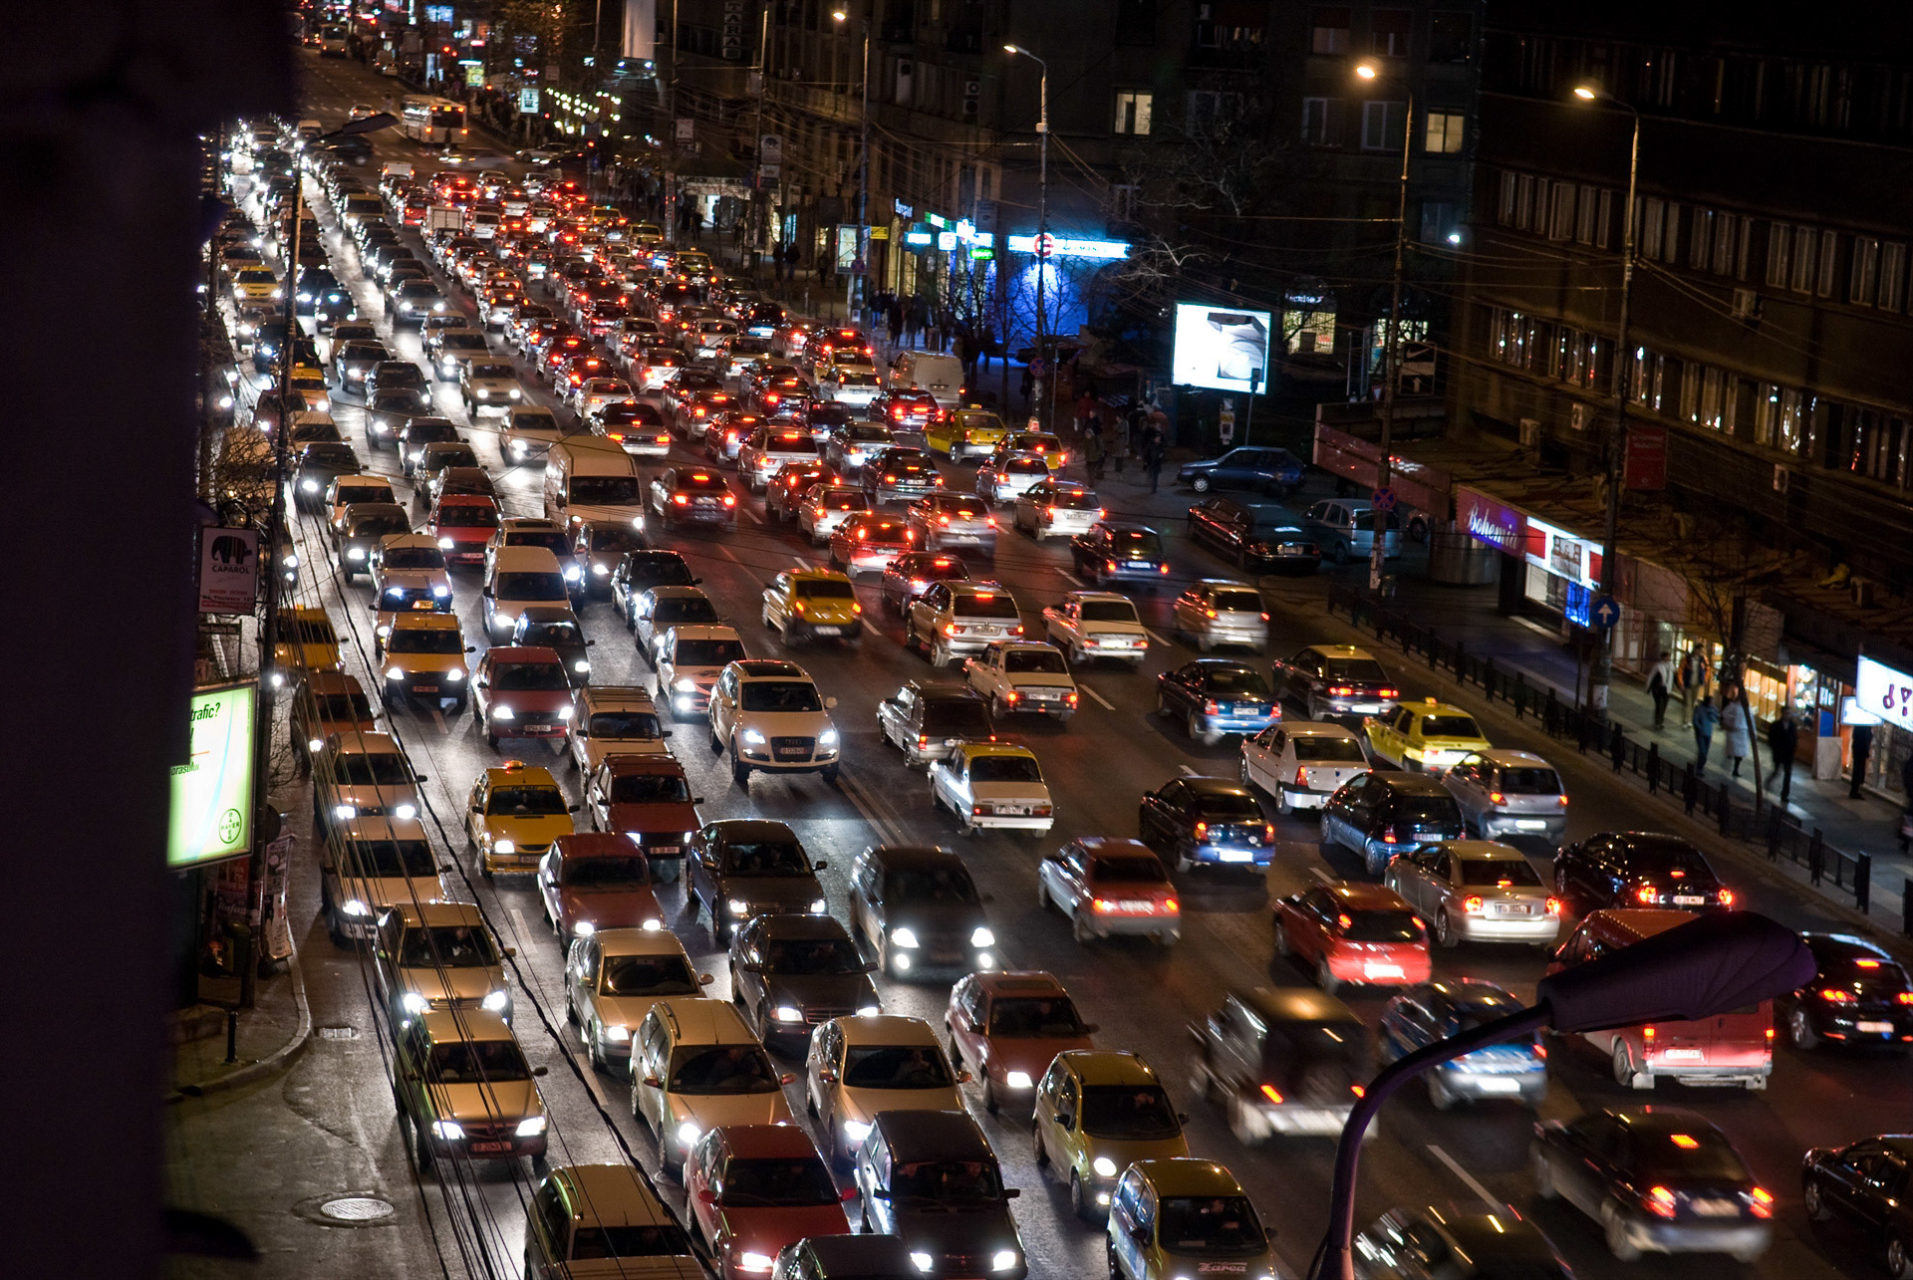 De dagelijkse file in de straten van Boekarest, Roemenië 2007.